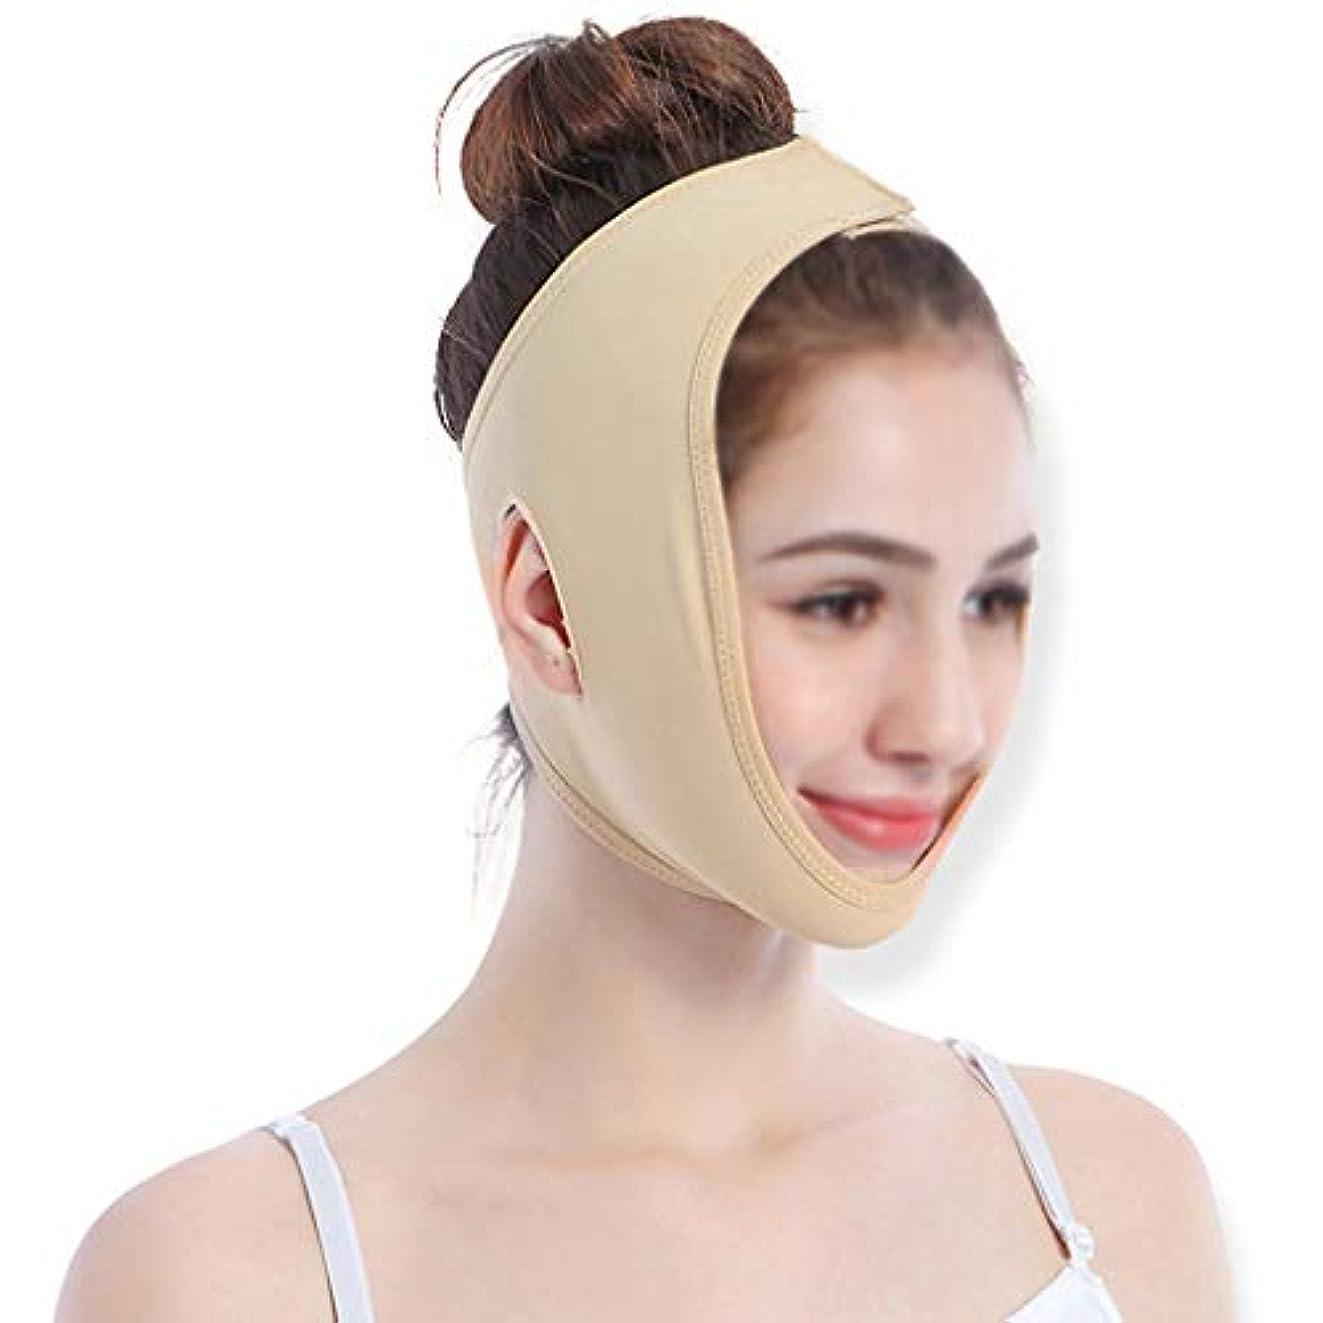 デッド頑張る保証GLJJQMY スリムな包帯V顔の顔のアーティファクトは、女性と女性のための繊細な顔のしわ防止フェイシャルツールを向上させます 顔用整形マスク (Size : M)